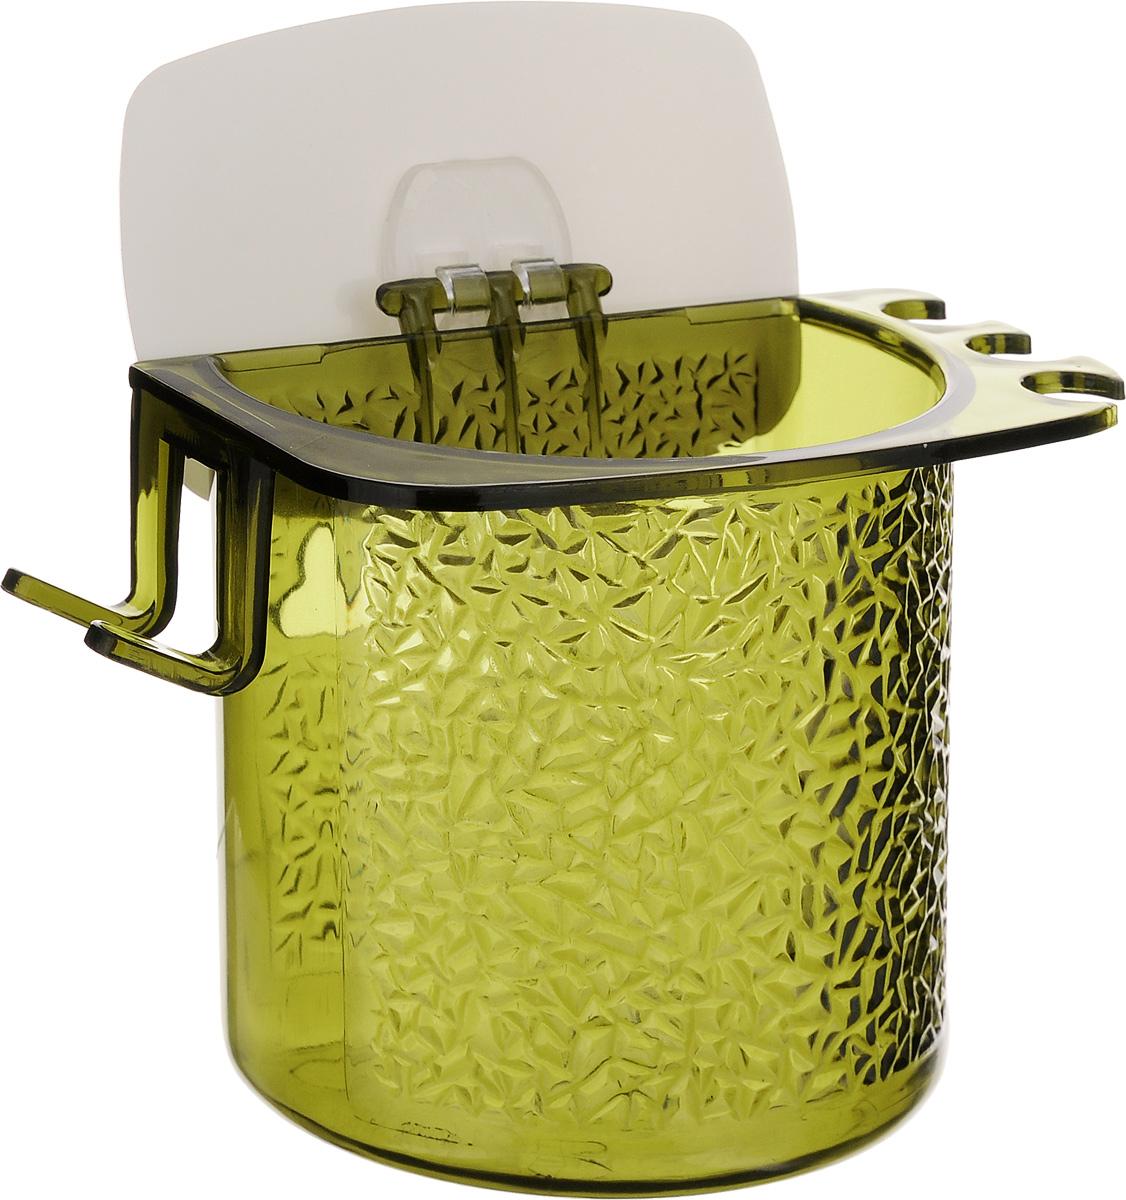 Стакан для ванной Fresh Code, на липкой основе, цвет: зеленый64945_зеленыйСтакан для ванной комнаты Fresh Code выполнен из ABS пластика. Крепление на липкой основе многократного использования идеально подходит для гладкой поверхности. С оборотной стороны изделие оснащено двумя отверстиями для удобного размещения на стене. В стакане удобно хранить зубные щетки, пасту и другие принадлежности. Аксессуары для ванной комнаты Fresh Code стильно украсят интерьер и добавят в обычную обстановку яркие и модные акценты. Стакан идеально подойдет к любому стилю ванной комнаты.